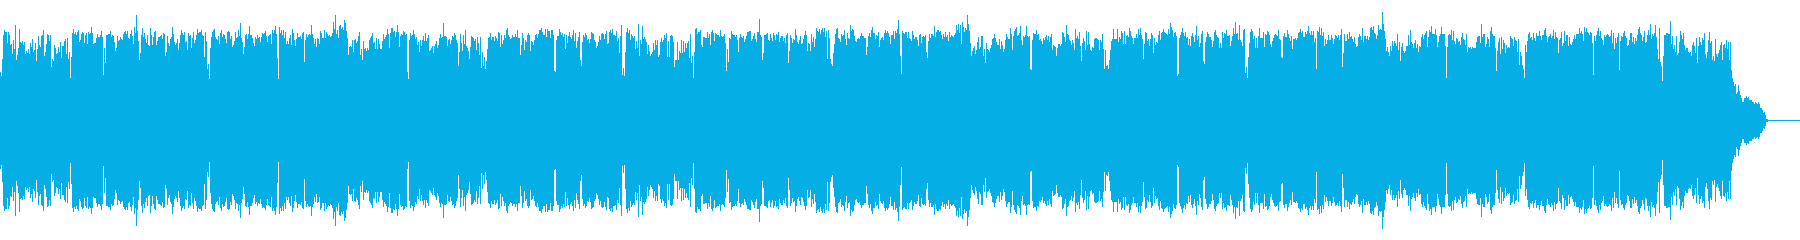 ビギーンのリズムで昭和歌謡をsaxが演奏の再生済みの波形